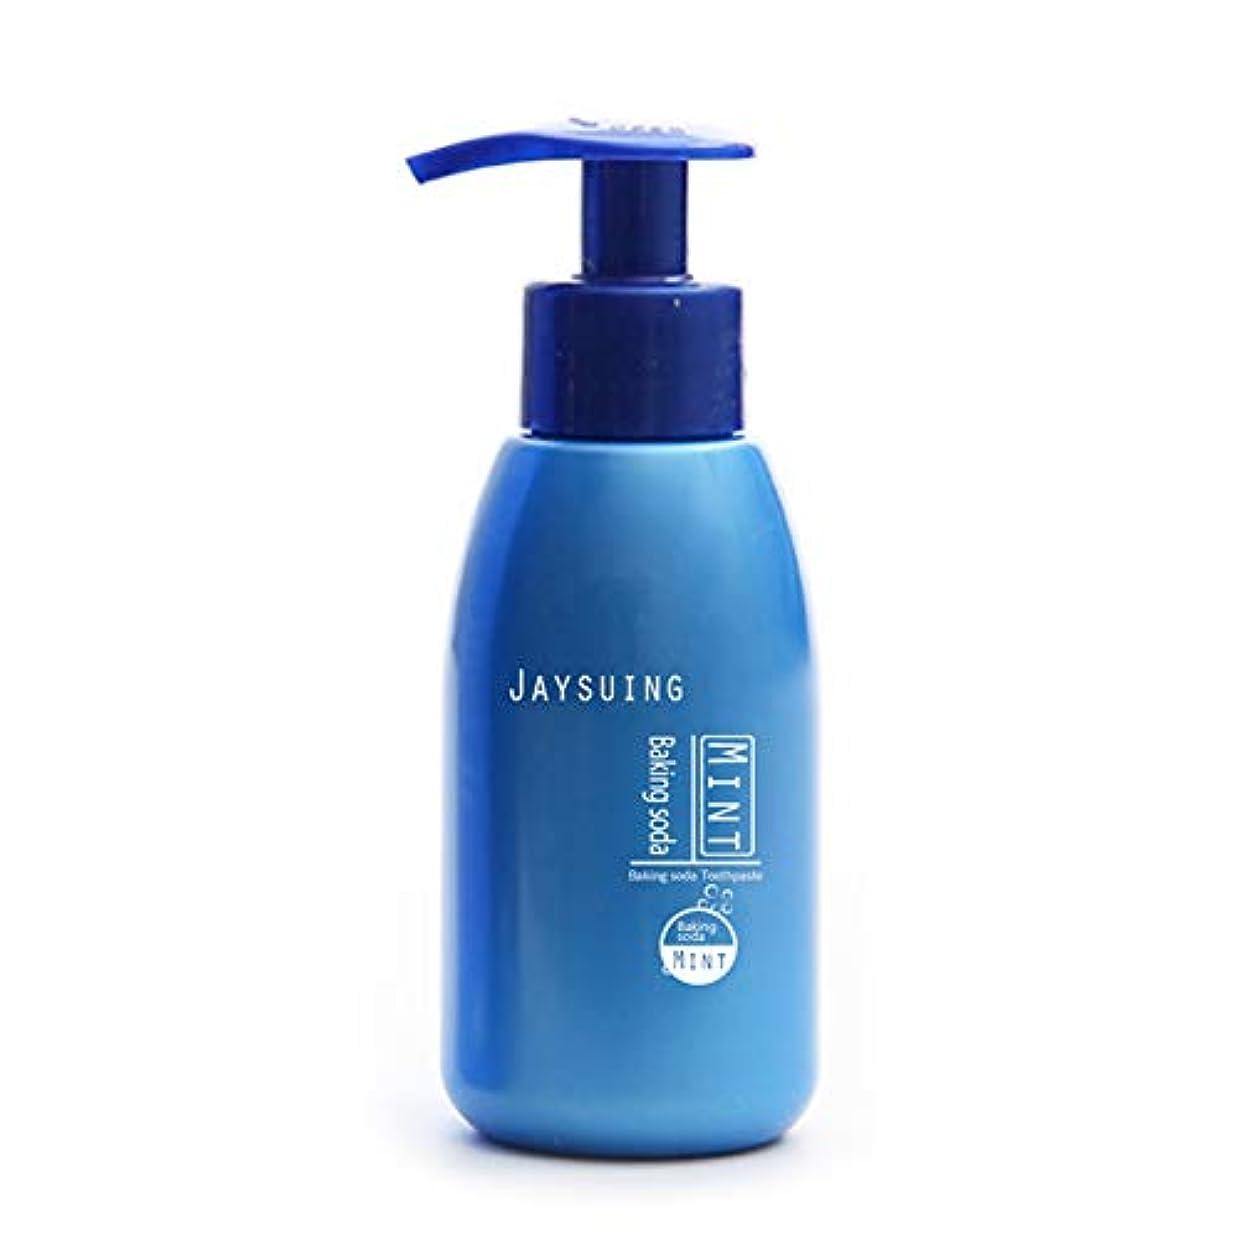 保全セールスマンピアースAylincool歯磨き粉アンチブリードガムプレスタイプ新鮮な歯磨き粉を白くする汚れ除去剤